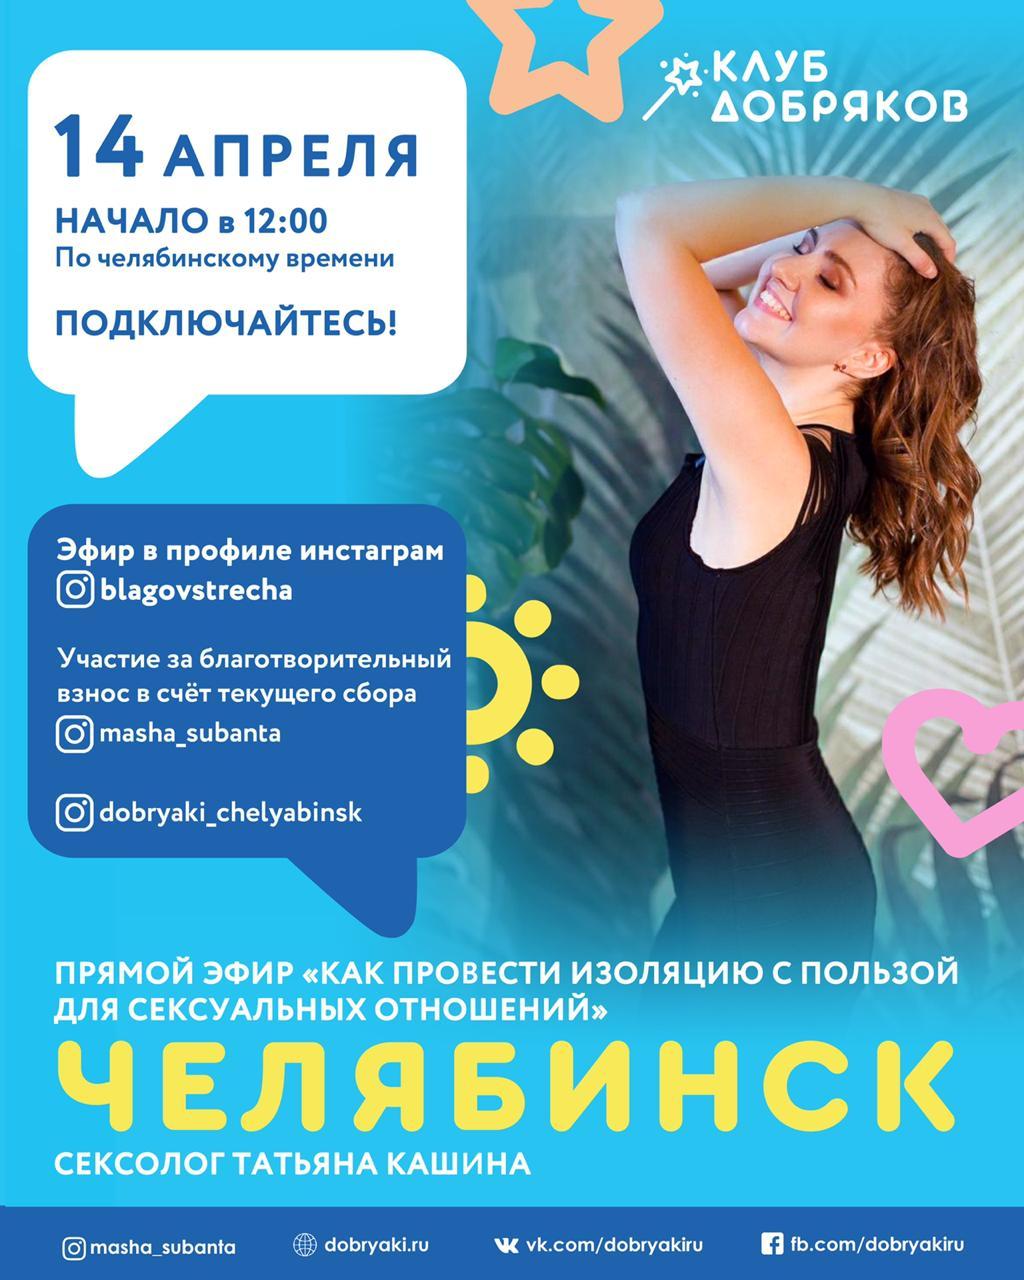 В Челябинске пройдет  онлайн благовстреча с сексологом